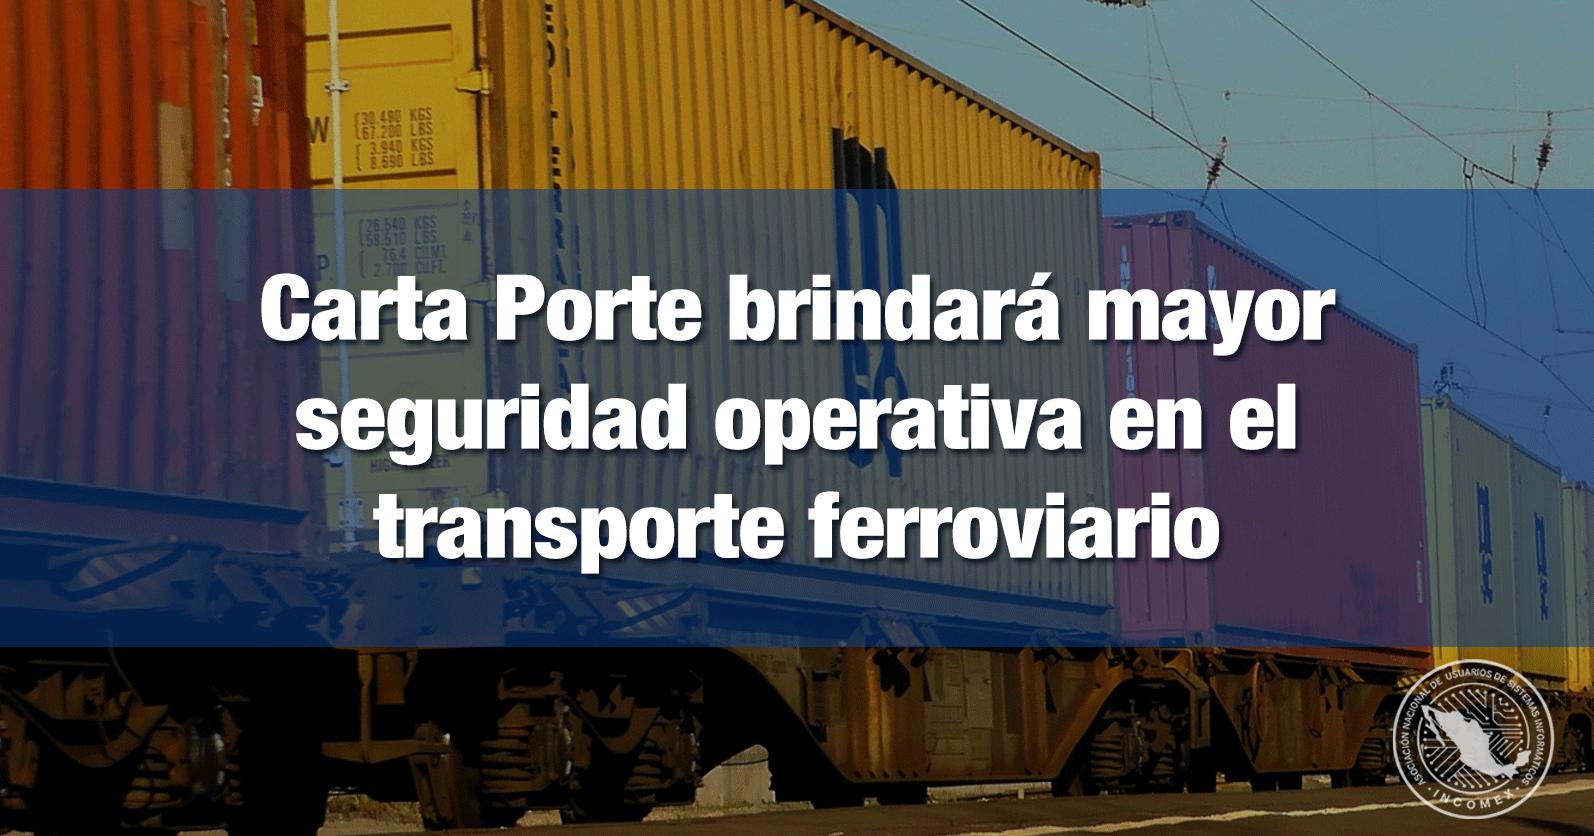 Carta Porte brindará mayor seguridad operativa en el transporte ferroviario